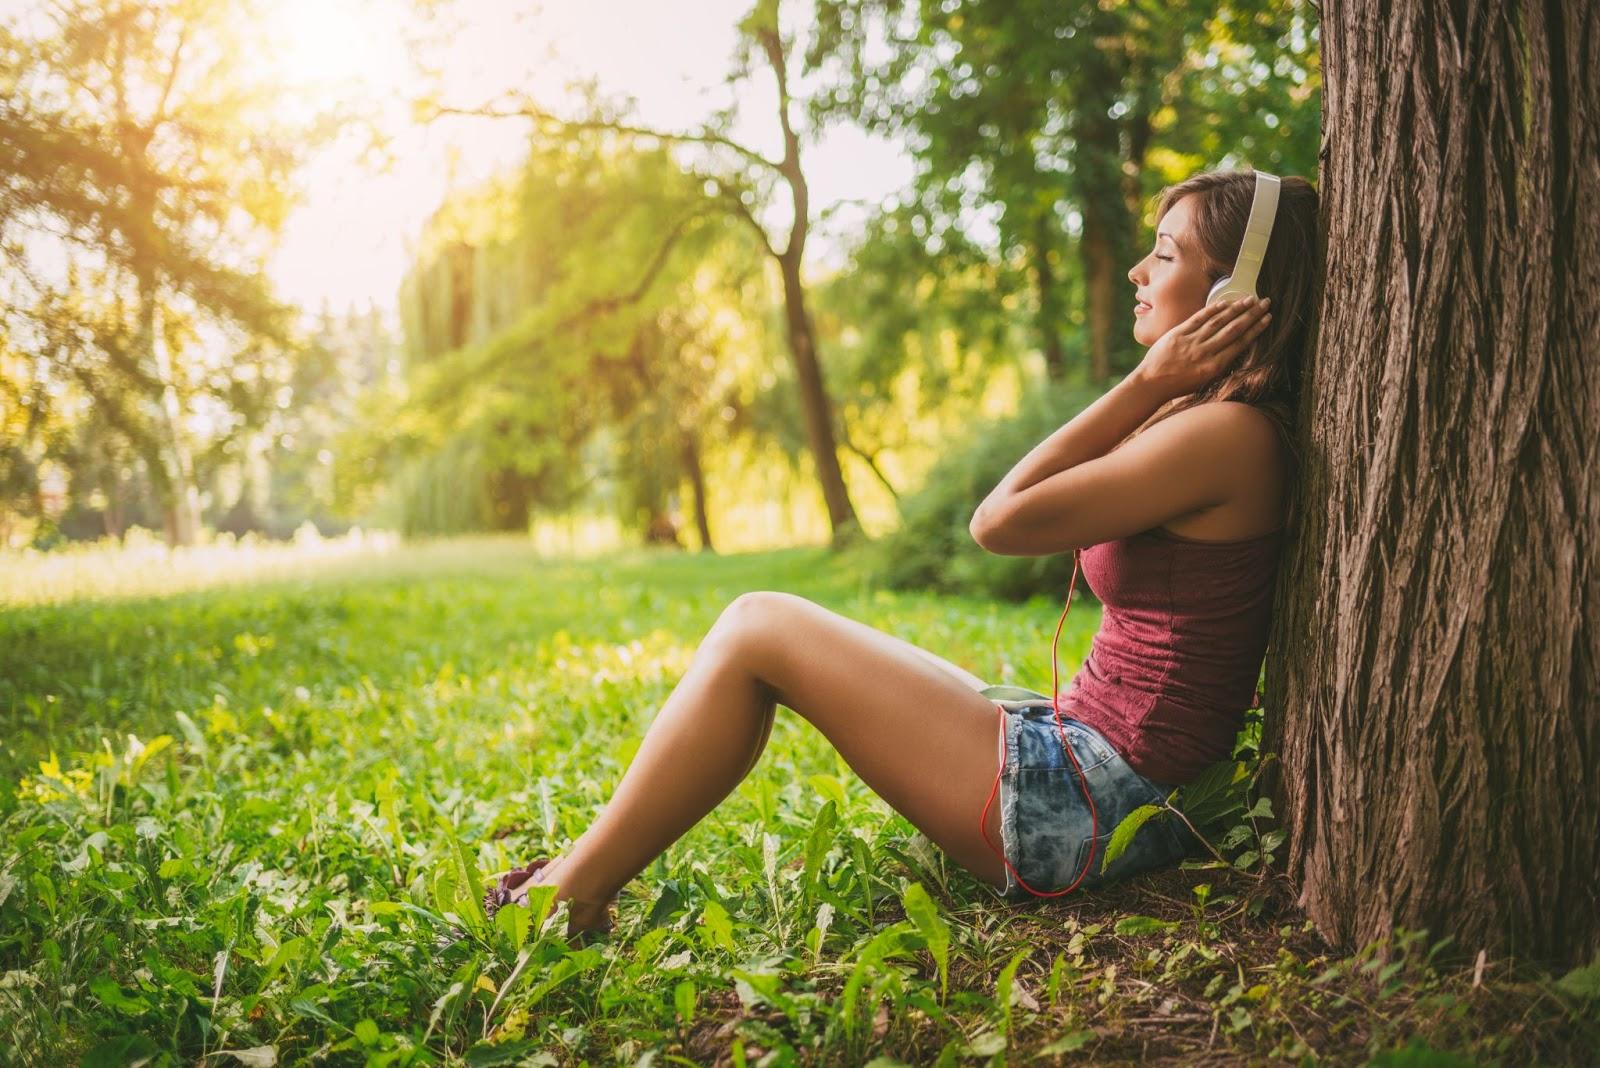 Nhạc thư giãn là công cụ giúp chúng ta giảm căng thẳng dễ dàng hơn!